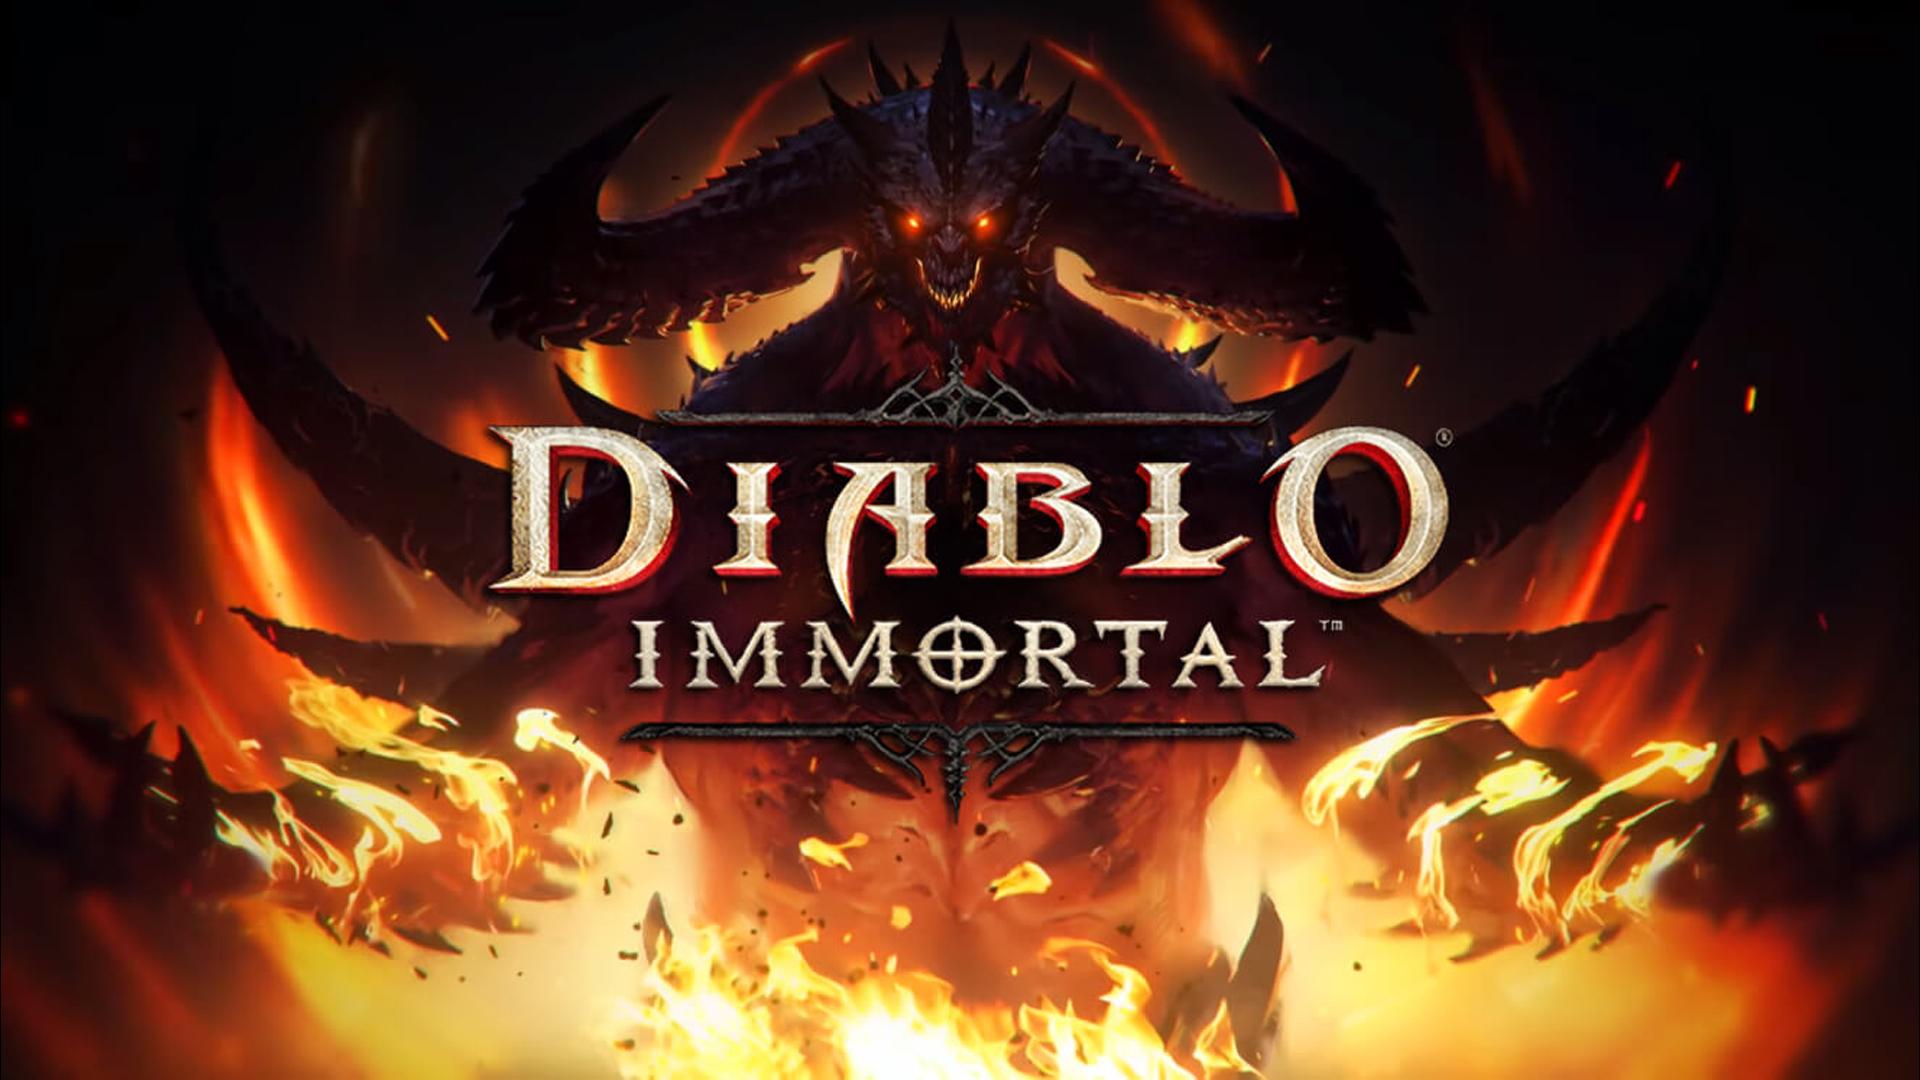 Постер Diablo Immortal